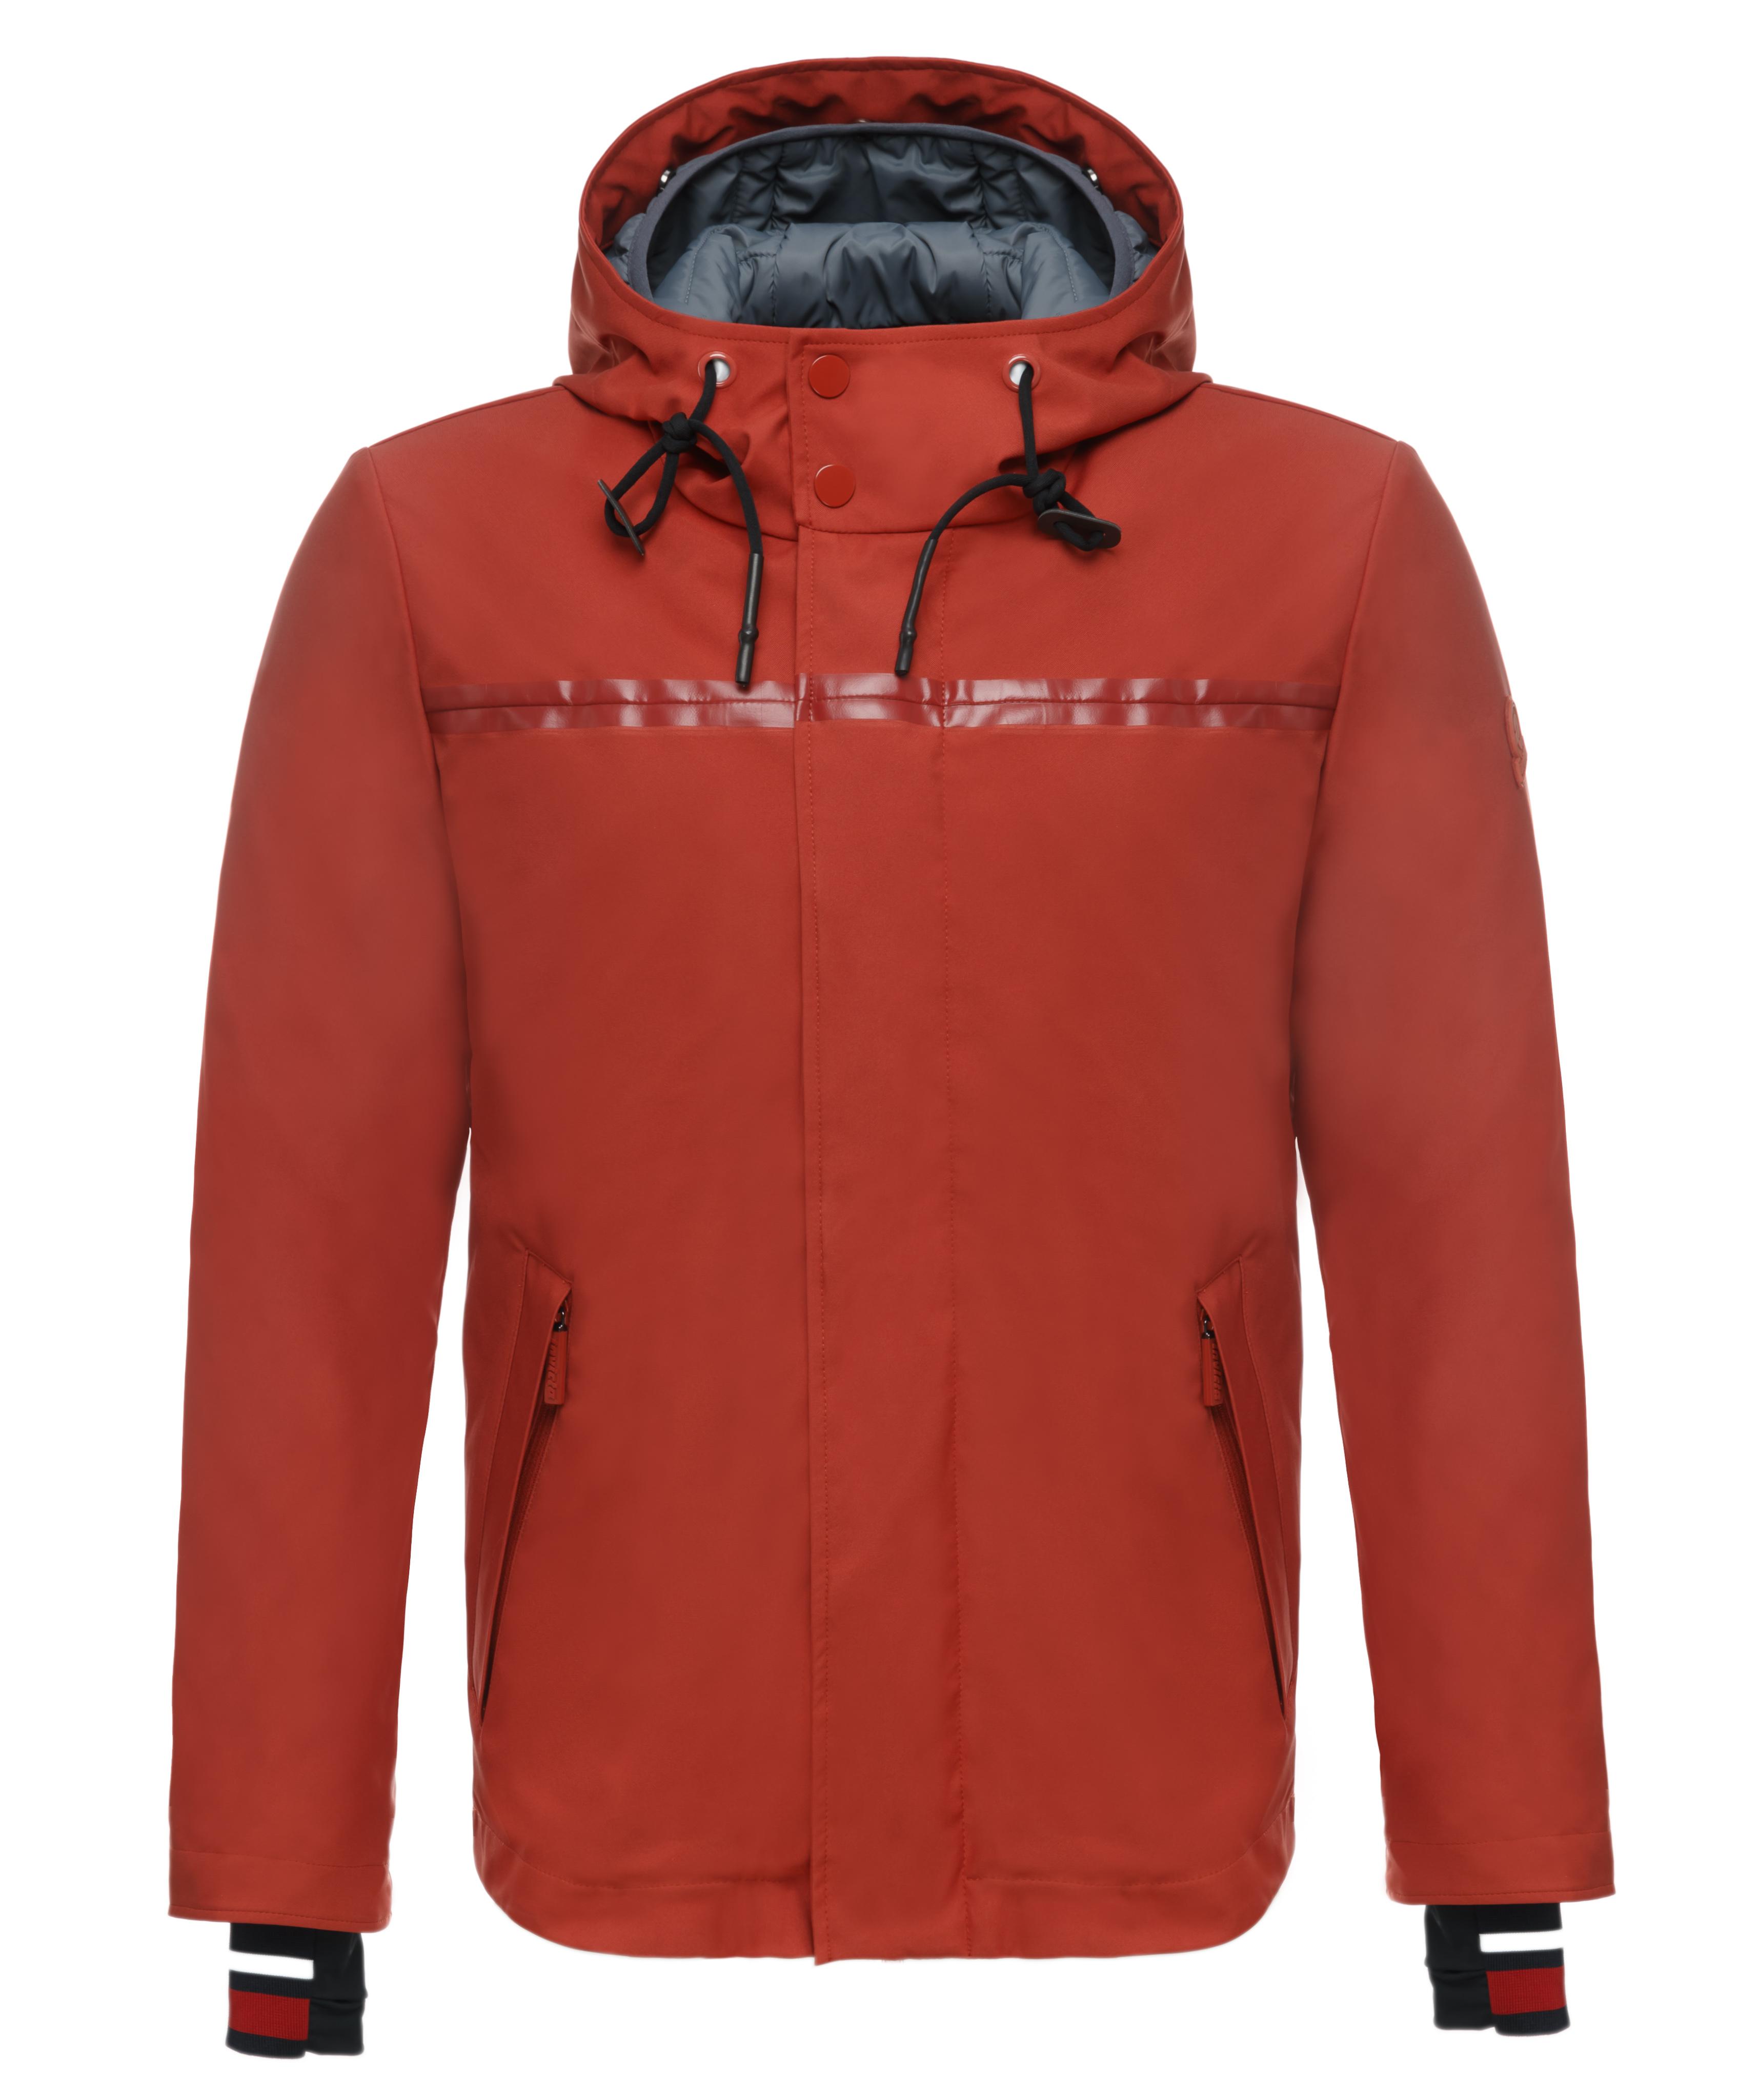 invicta giaccone rosso